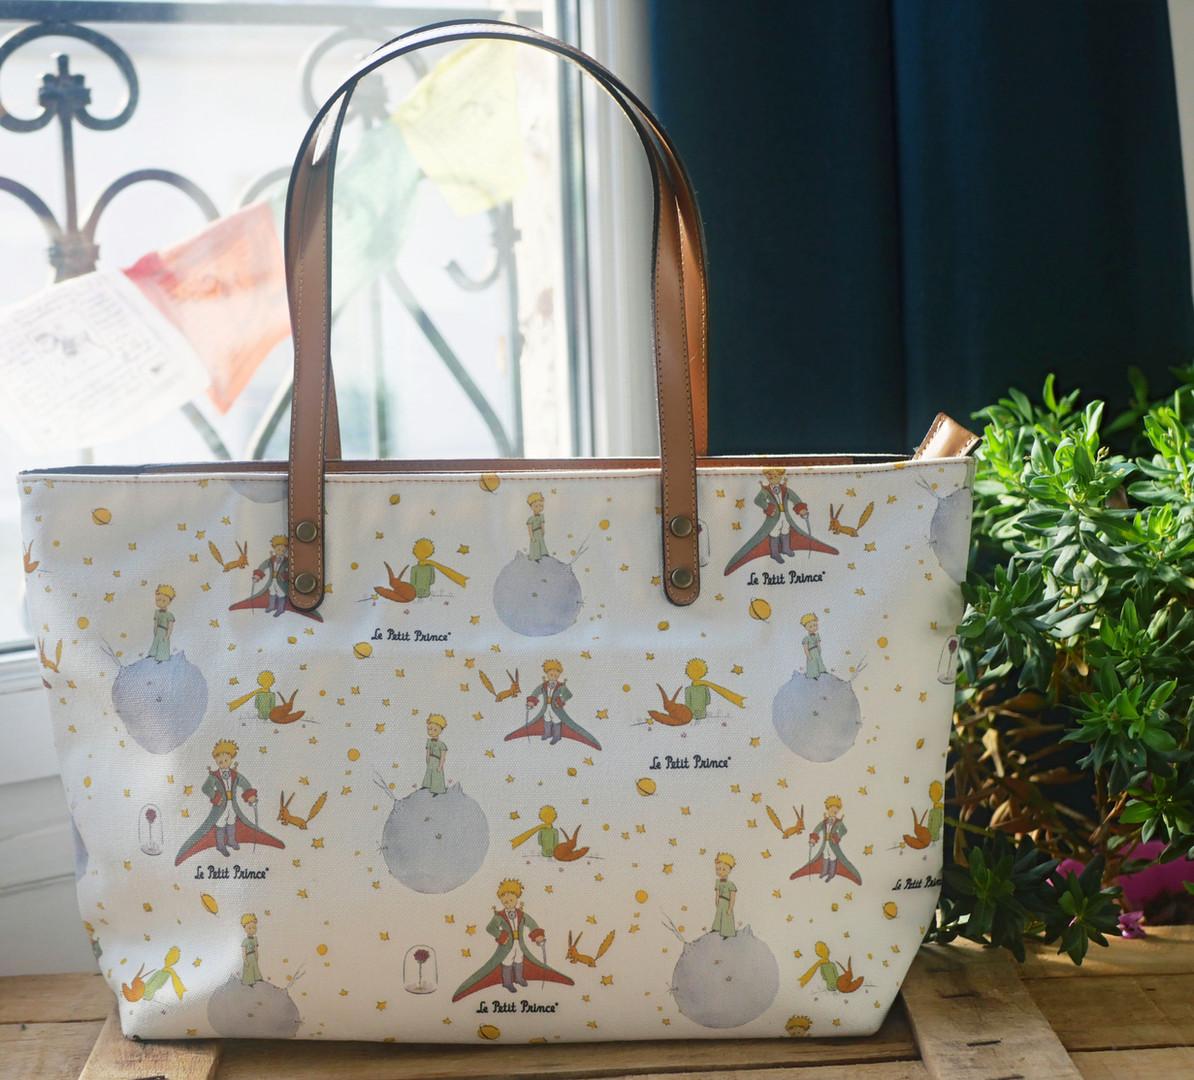 Le Petit Prince sac à main Phaona - Fabrication française - Maison Martin par Royal Tapisserie